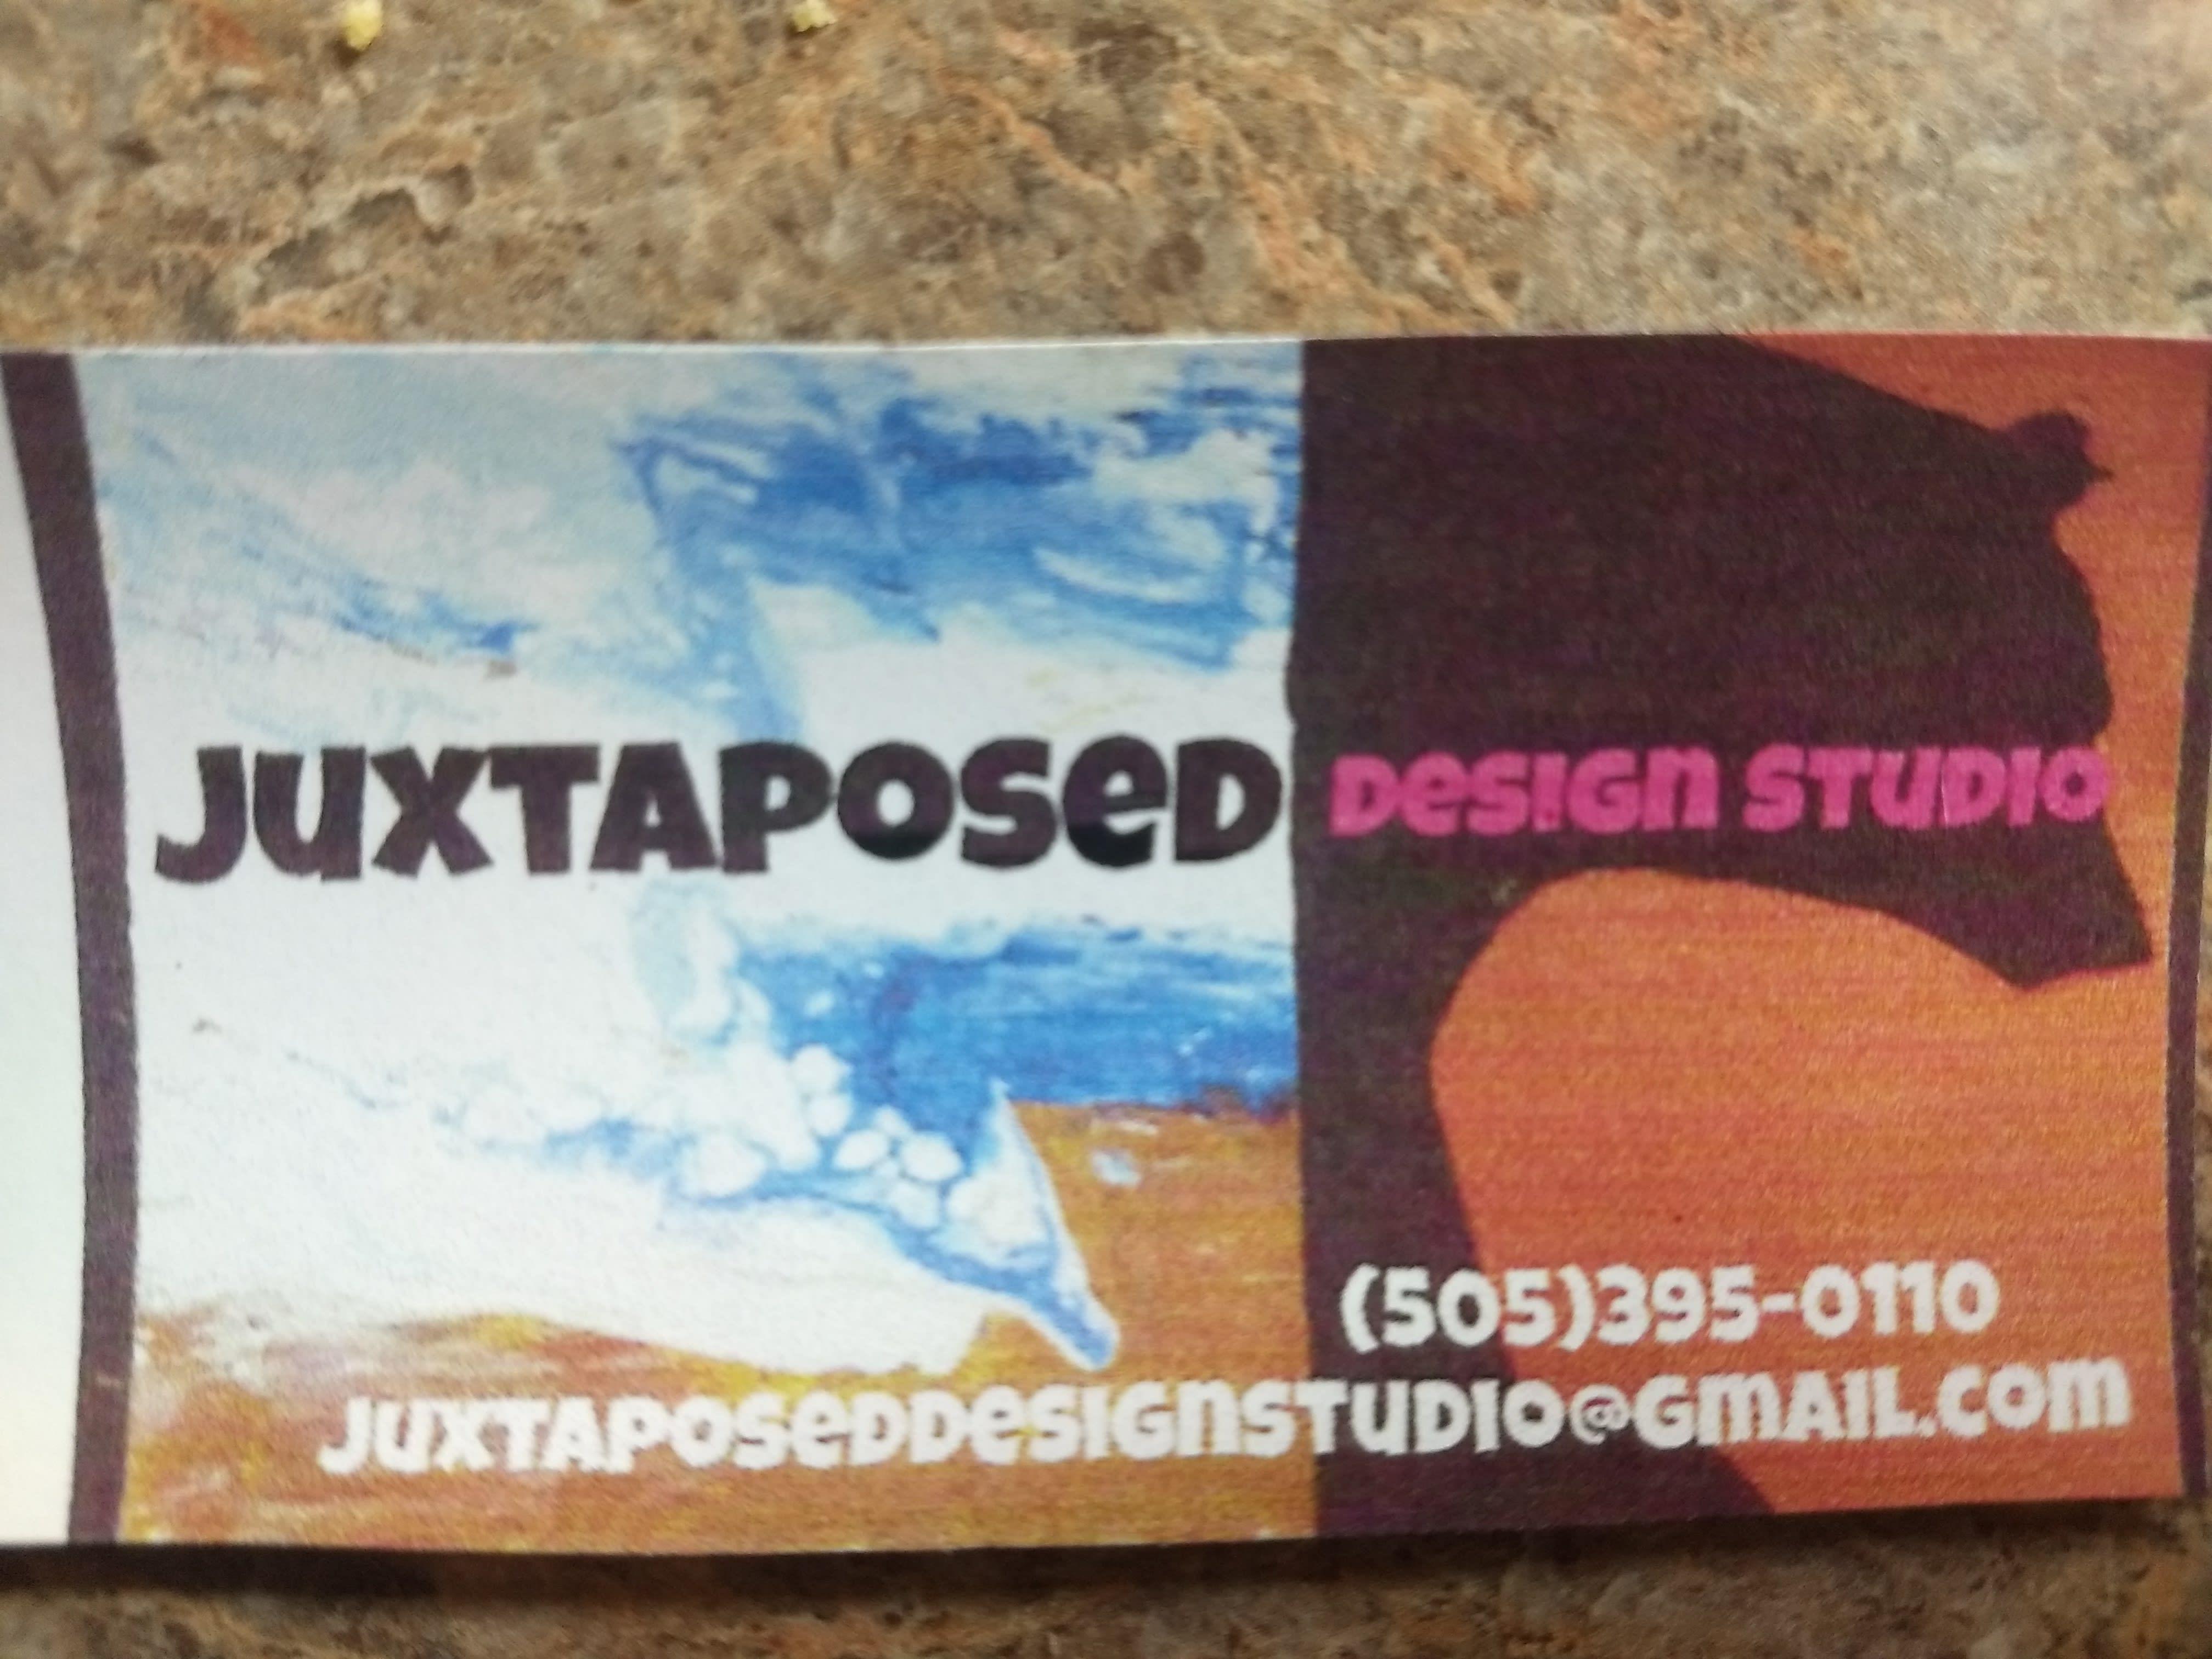 Juxtaposed Design Studio